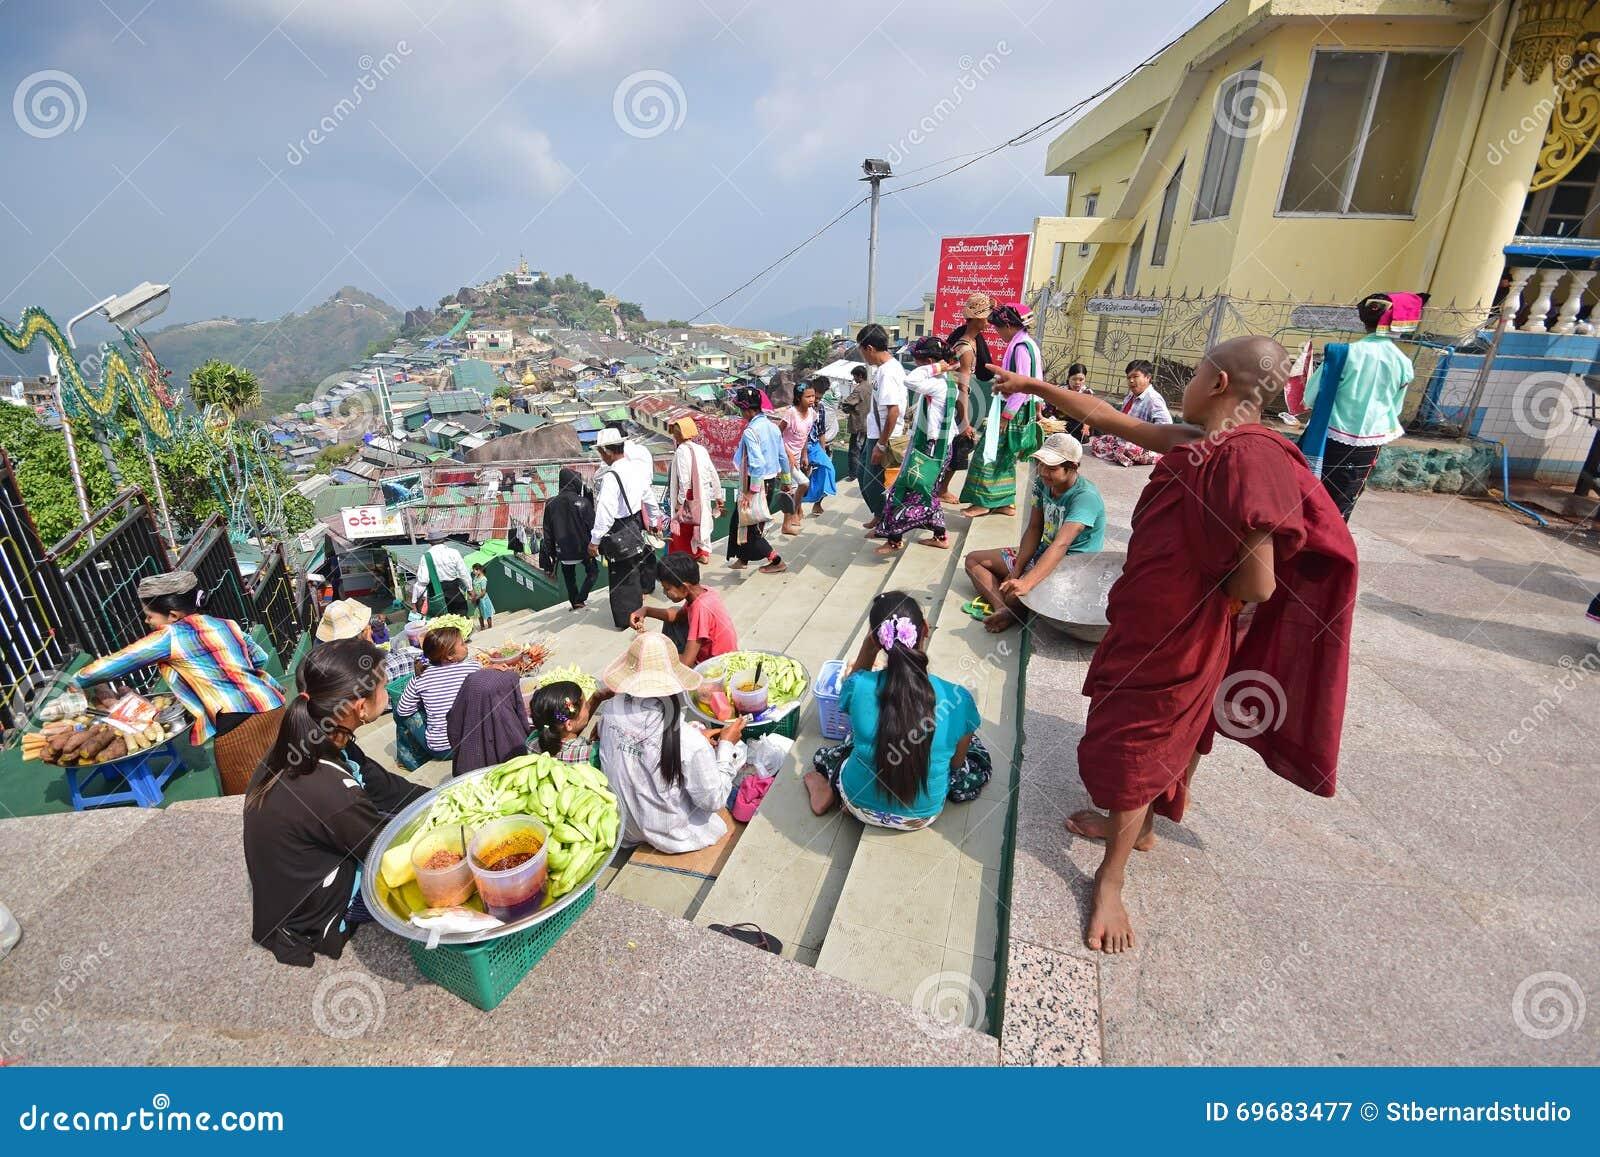 Jongelui weinig het Boeddhistische monnik verafgelegen richten ergens terwijl pelgrims overgaan door & verkopers die snacks langs